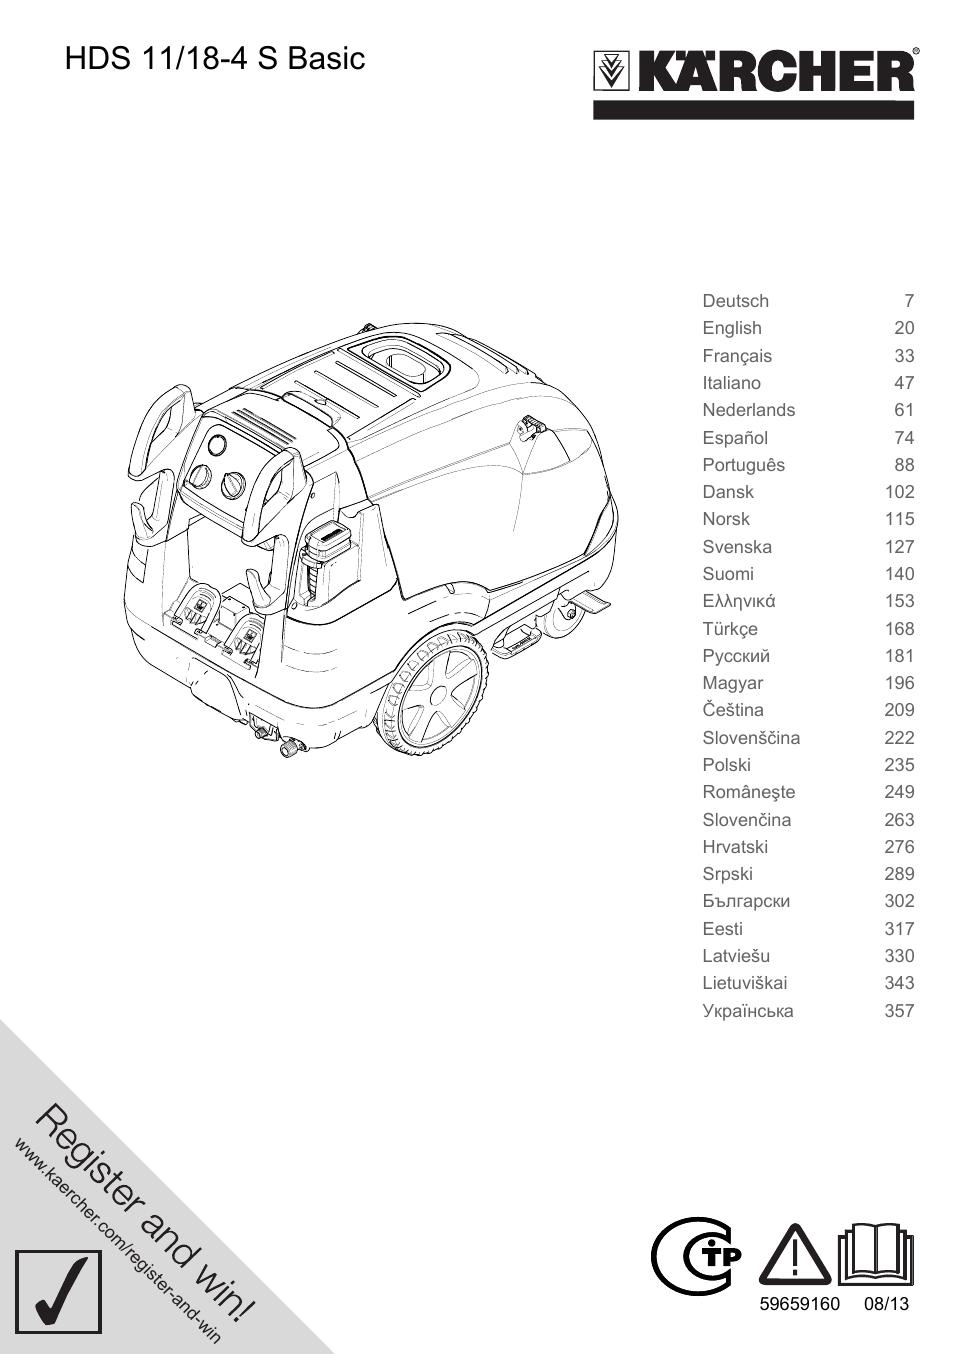 Калькулятор karser ks 105 инструкция на русском